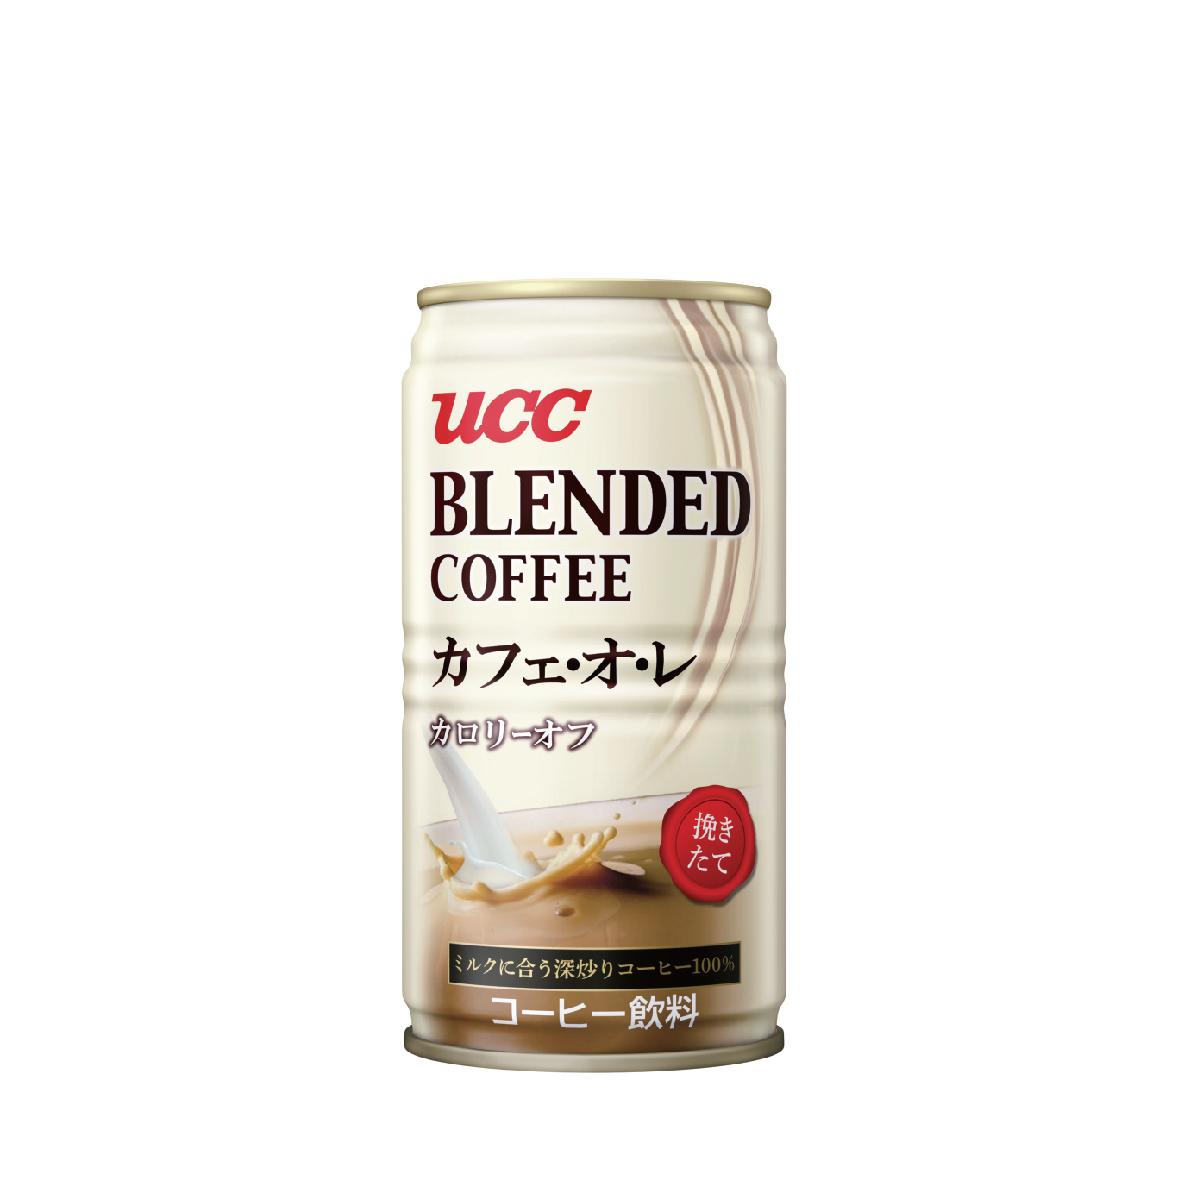 悠诗诗单品焙煎牛奶咖啡饮料